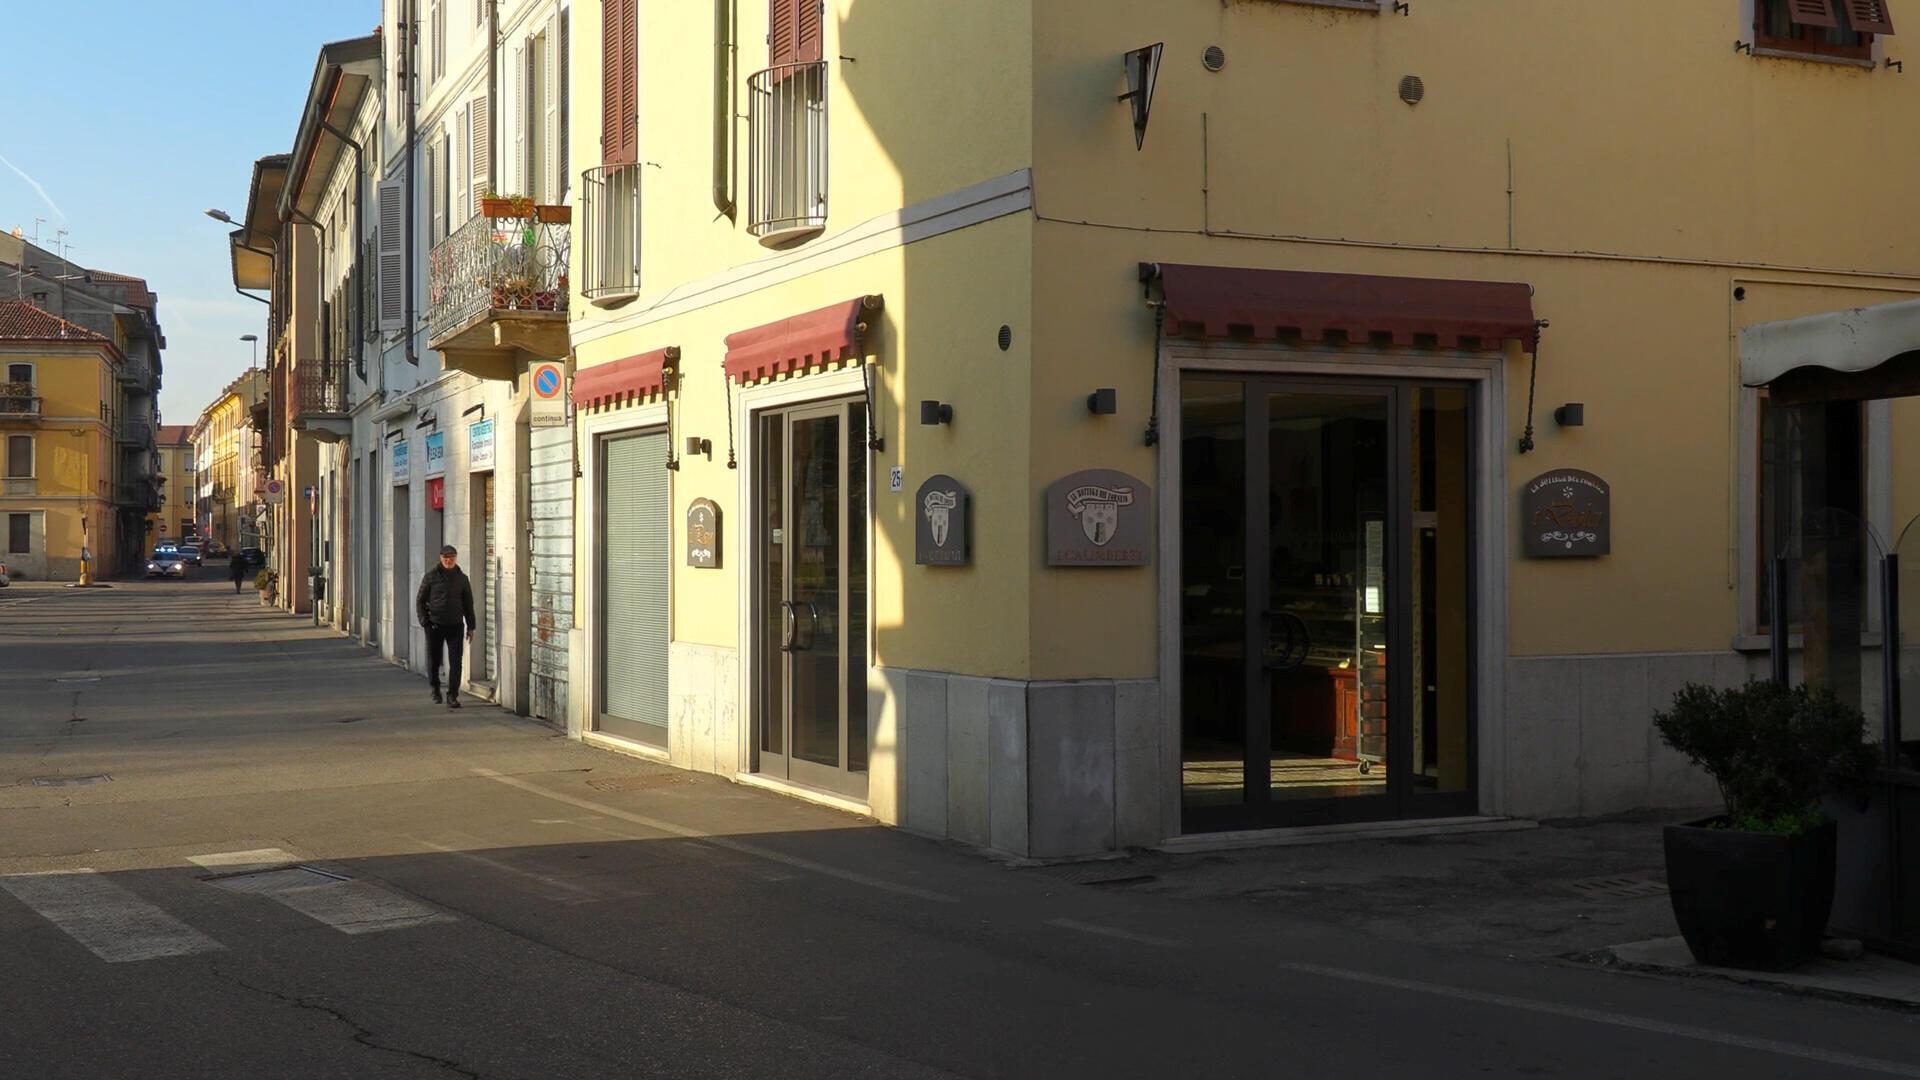 意大利北部城市Codogno发现该国第一个武肺新冠病毒病灶 当局采取半封城监管措施